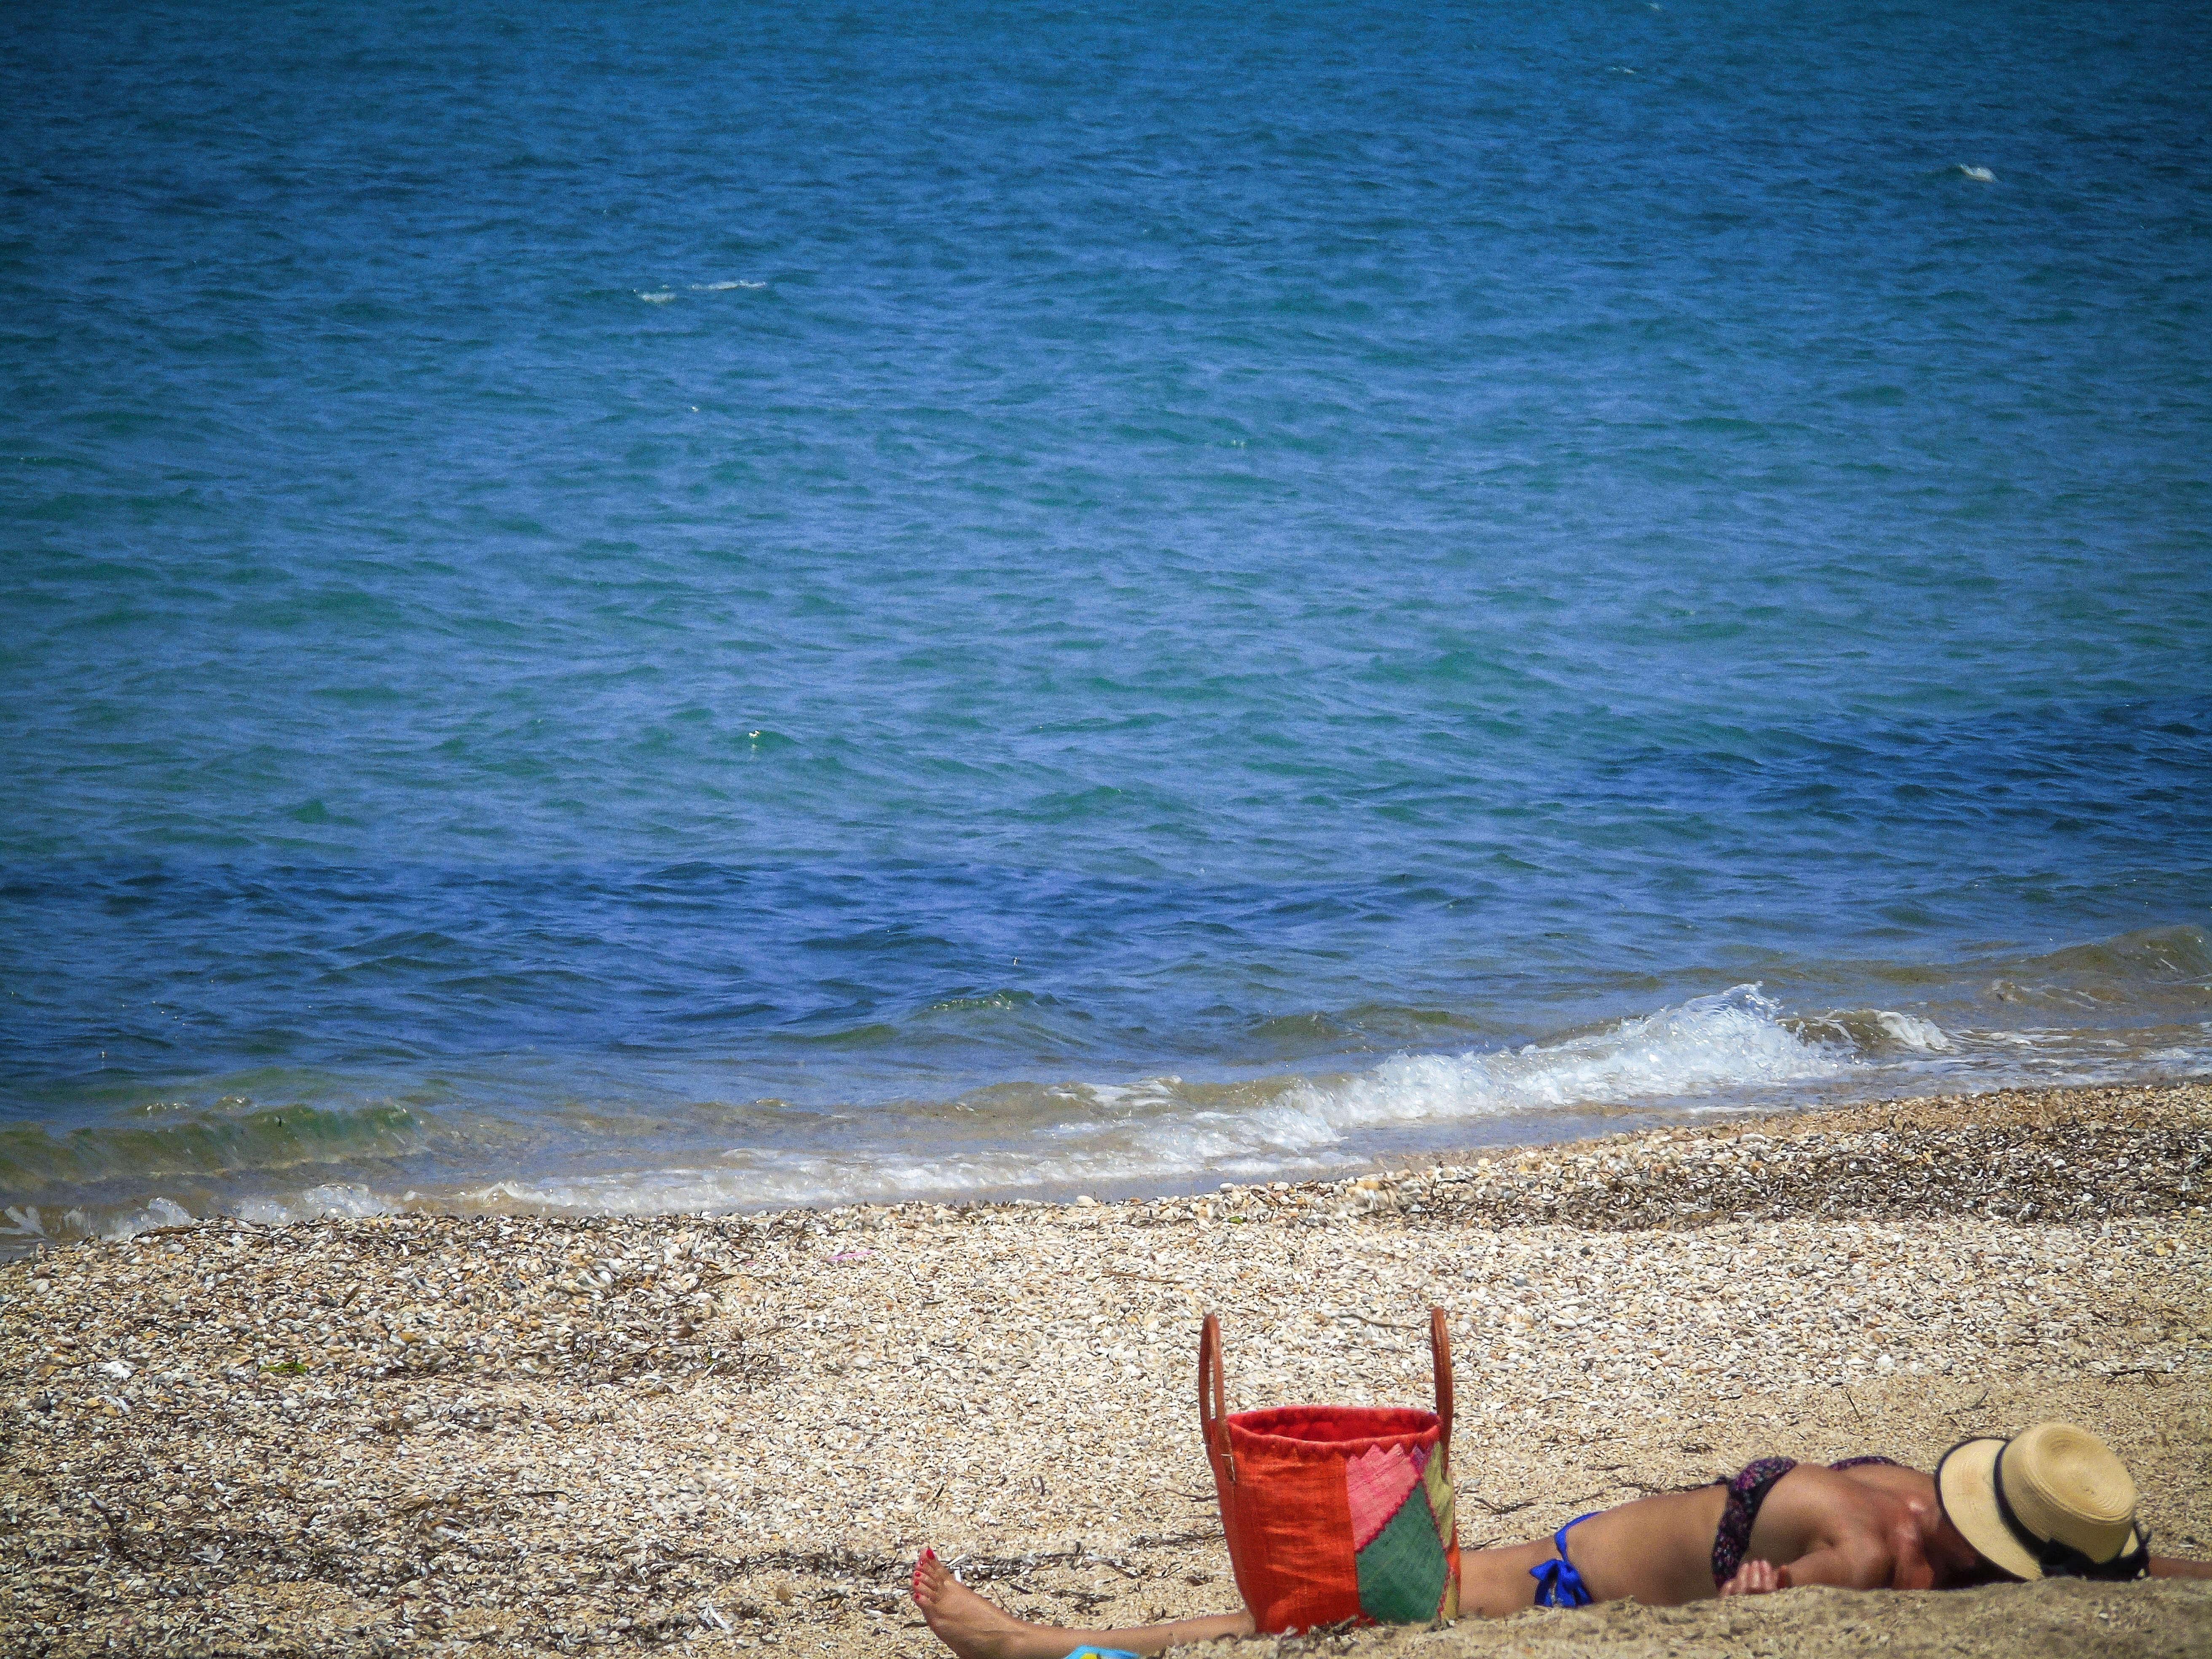 Σαν τη Χαλκιδική, δεν έχει! Γέμισε… Γαλάζιες Σημαίες η Ελλάδα - Δεύτερη παγκοσμίως με 515 βραβευμένες ακτές